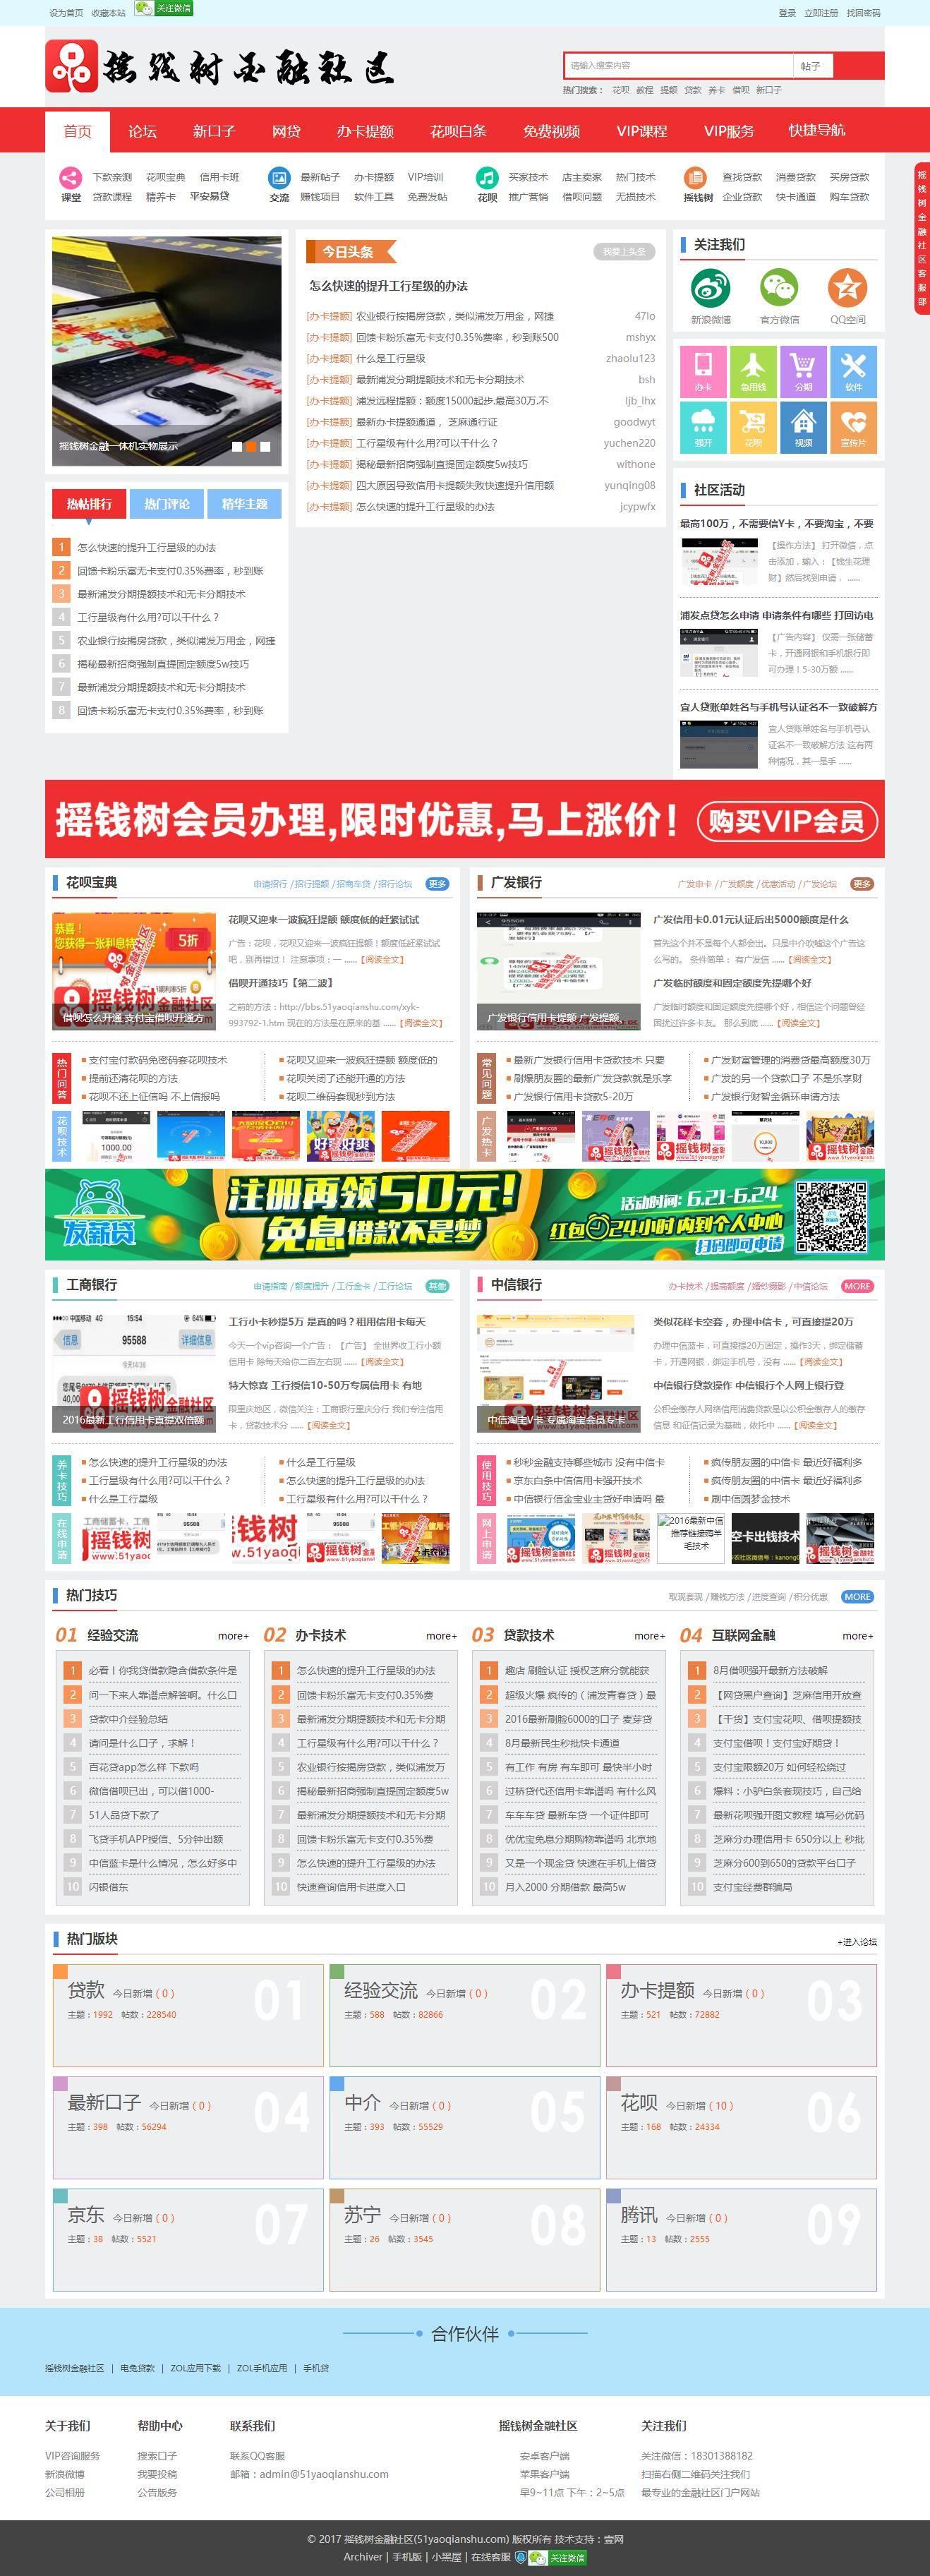 摇钱树金融门户_摇钱树金融资讯.jpg